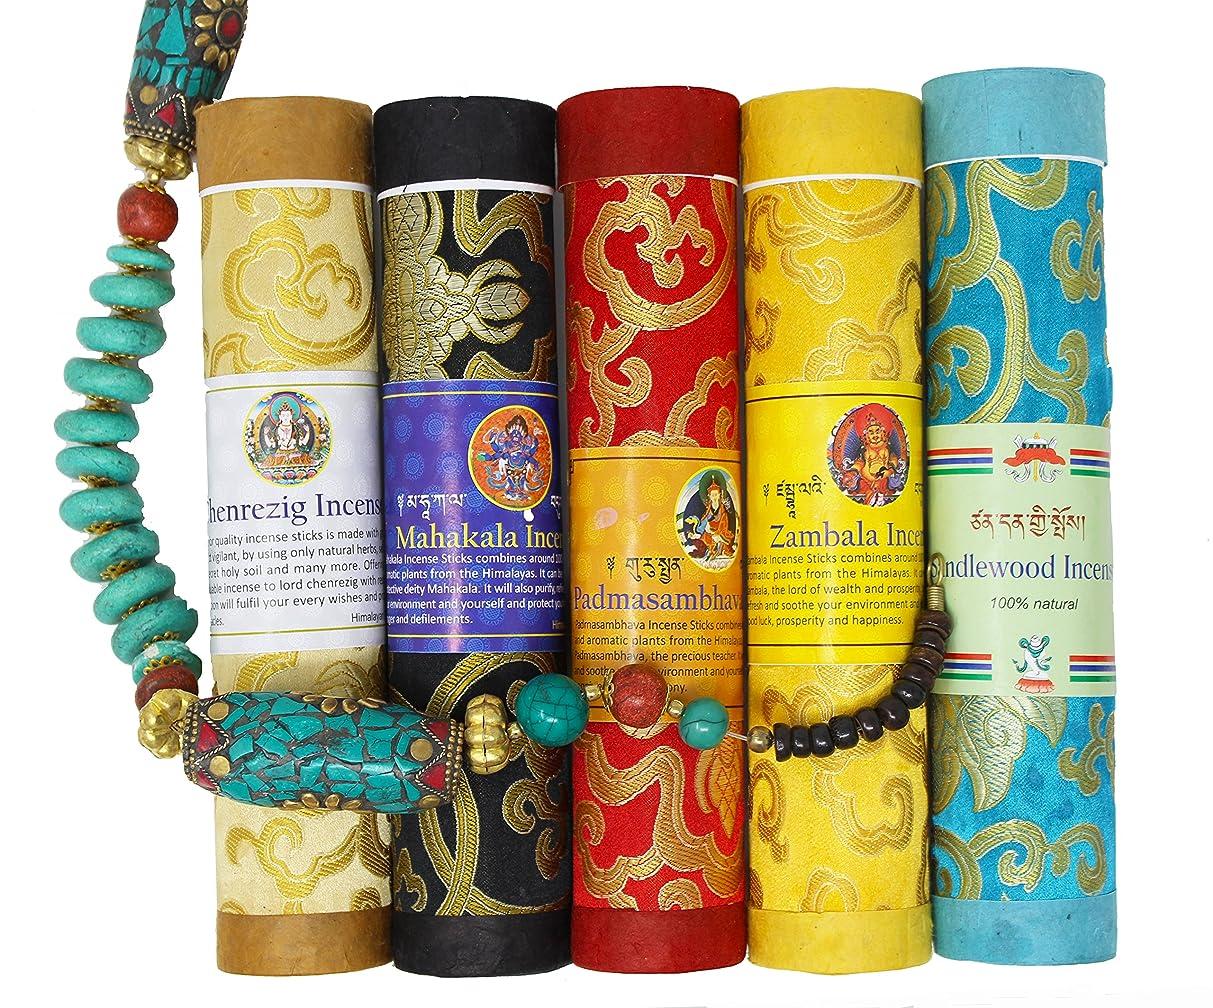 欠乏欠如ミリメーターjuccini Tibetan Incense Sticks ~ Spiritual Healing Hand Rolled Incense Made from Organic Himalayan Herbs